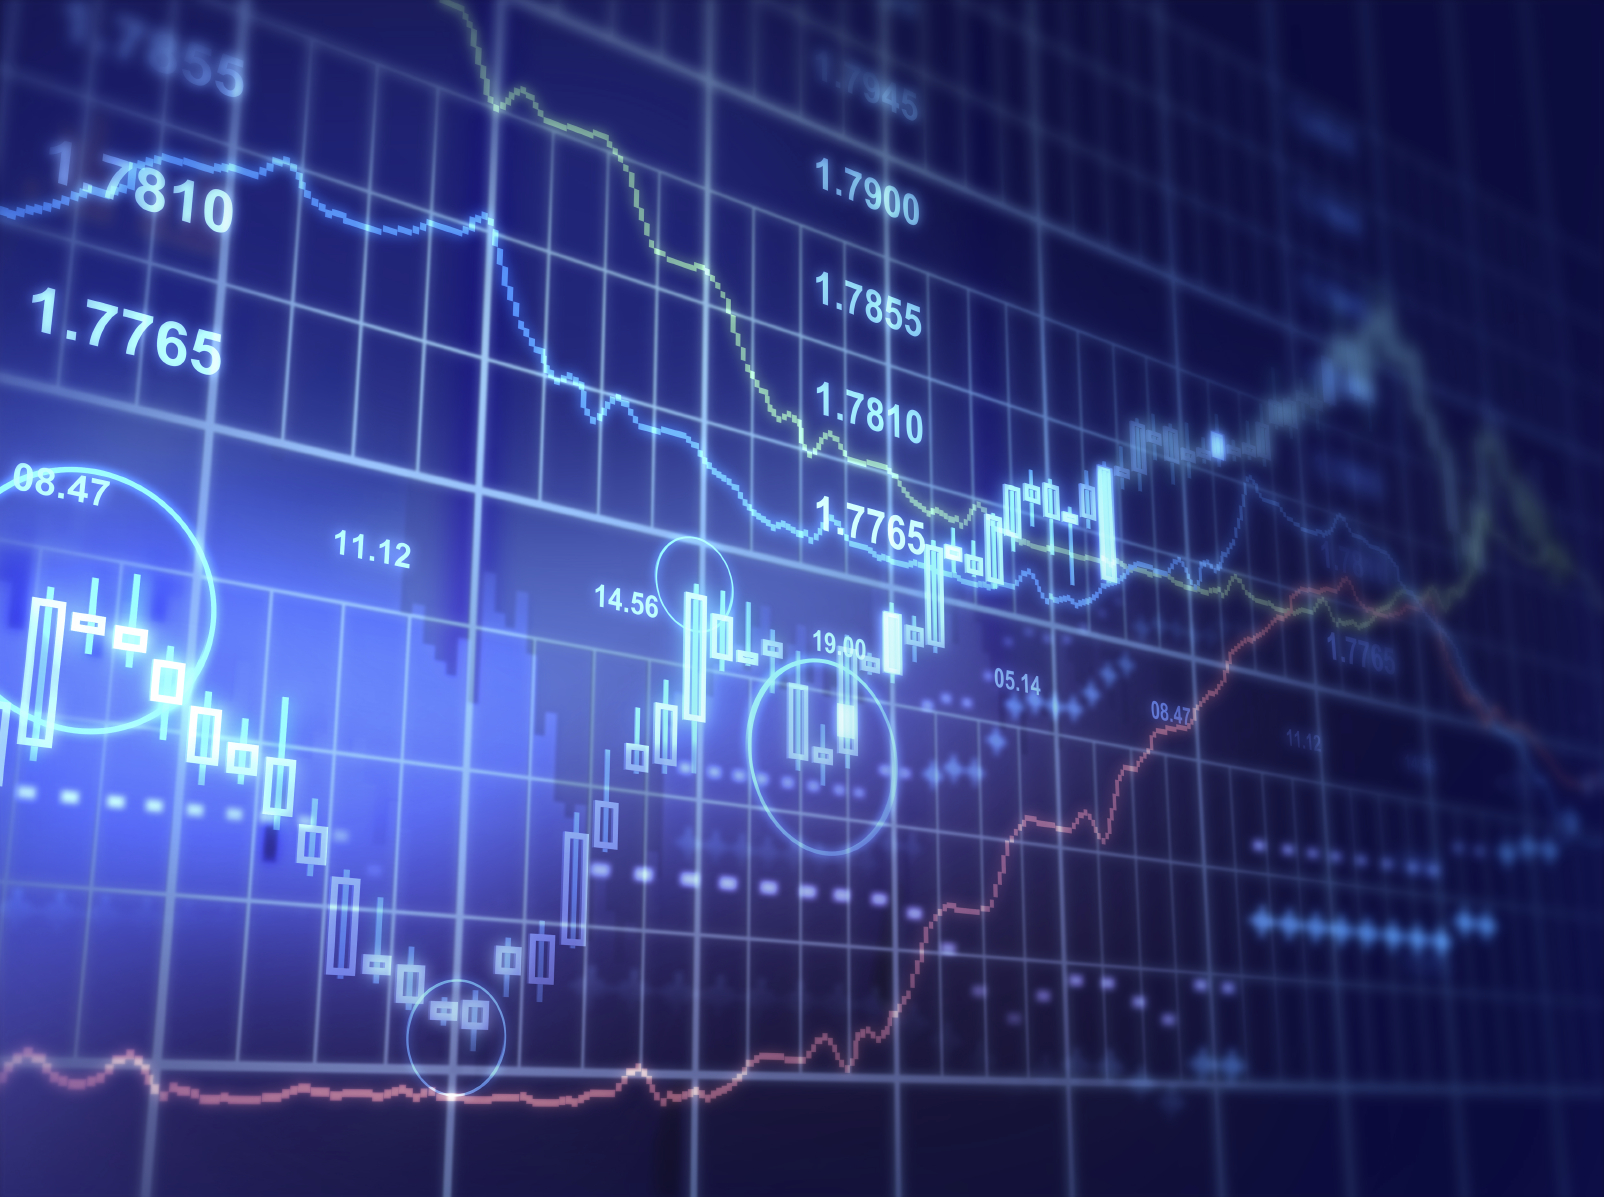 Analyse technique du prix du bitcoin (BTC) : Va-t-il chuter en dessous de 31 000 USD ou dépasser les 40 000 USD ?